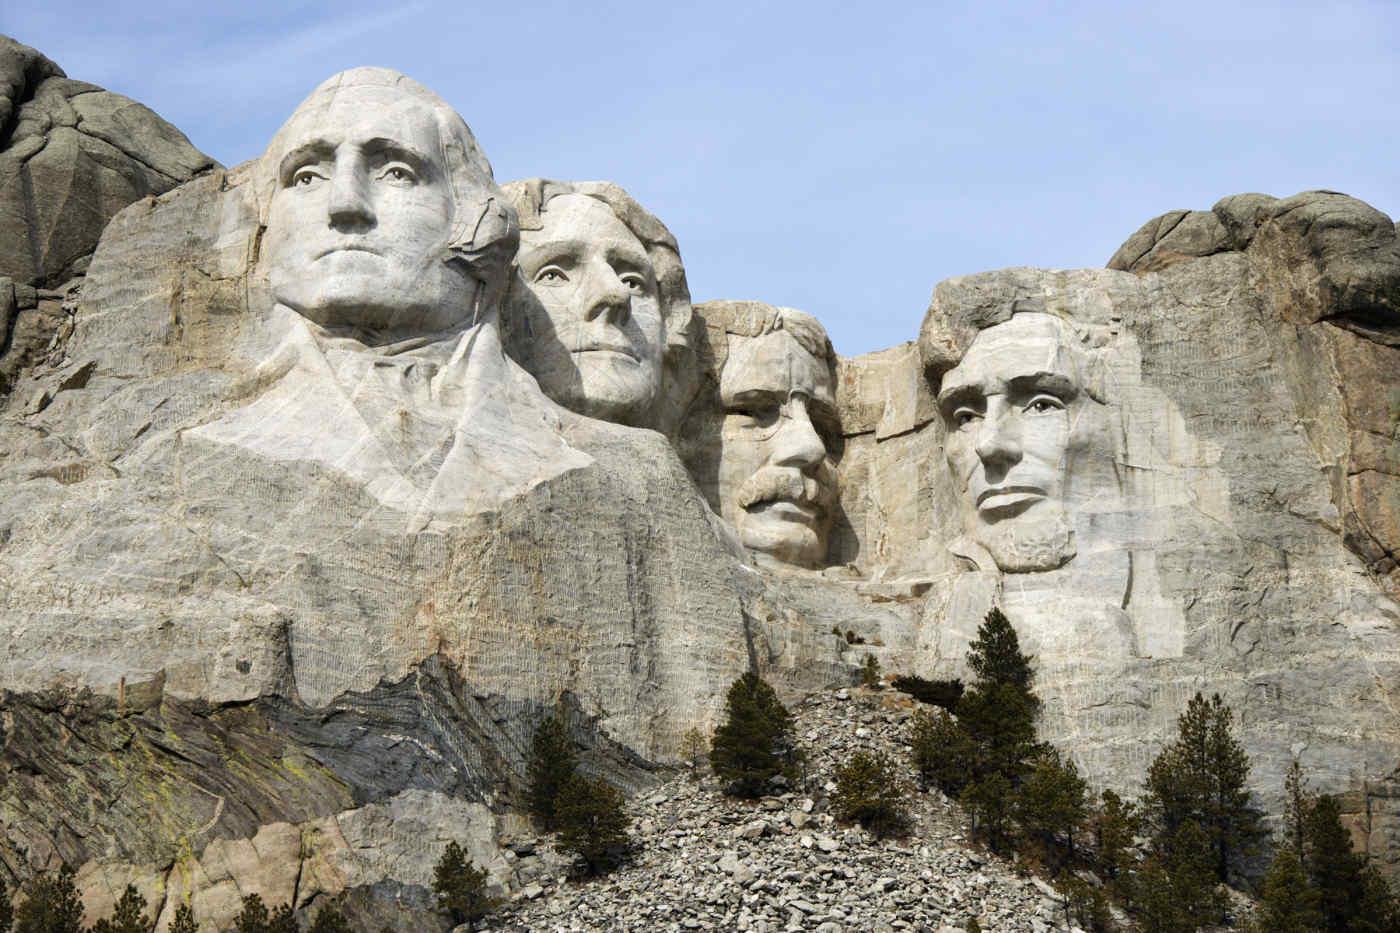 Mount Rushmore • South Dakota